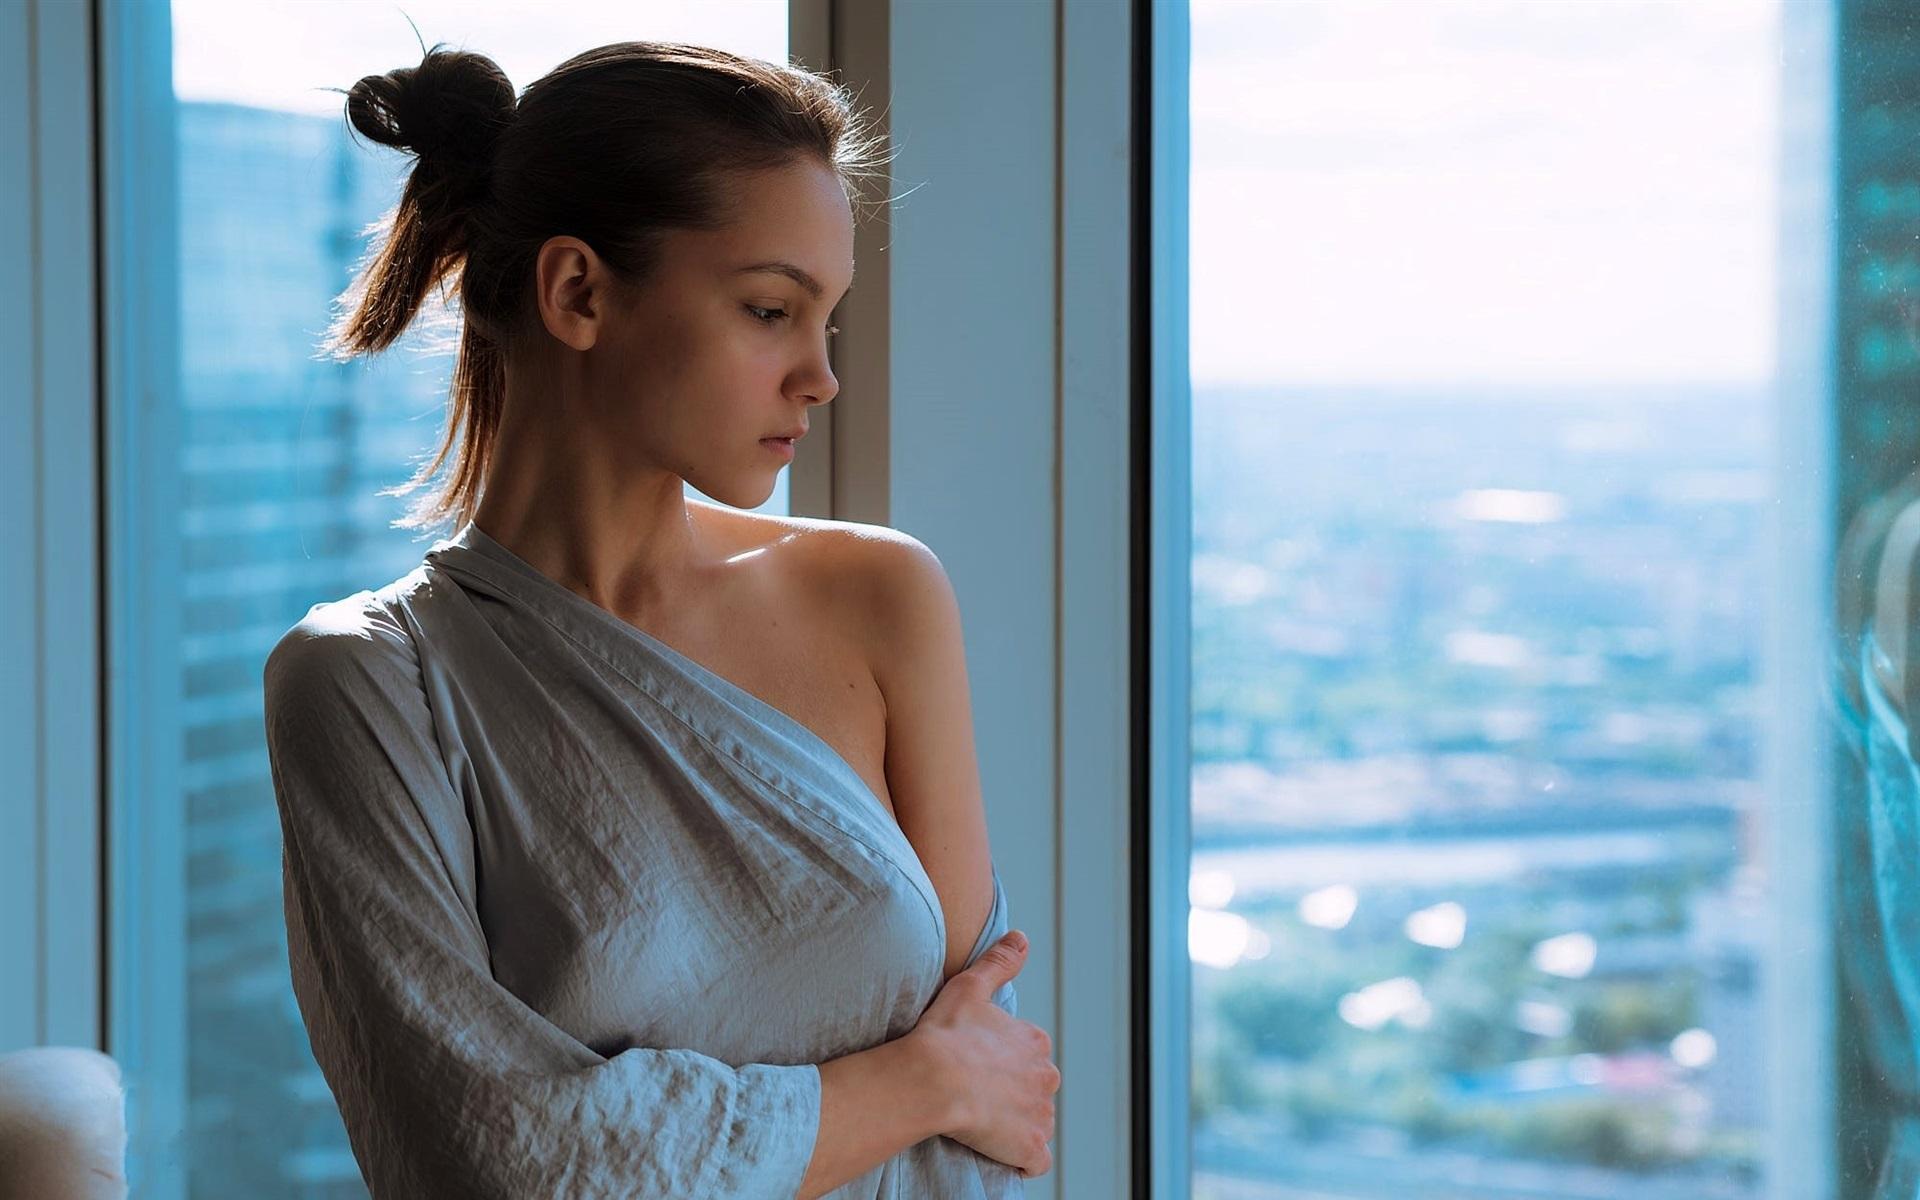 壁紙 セクシーなブロンドの女の子 窓 見る 1920x1200 Hd 無料の